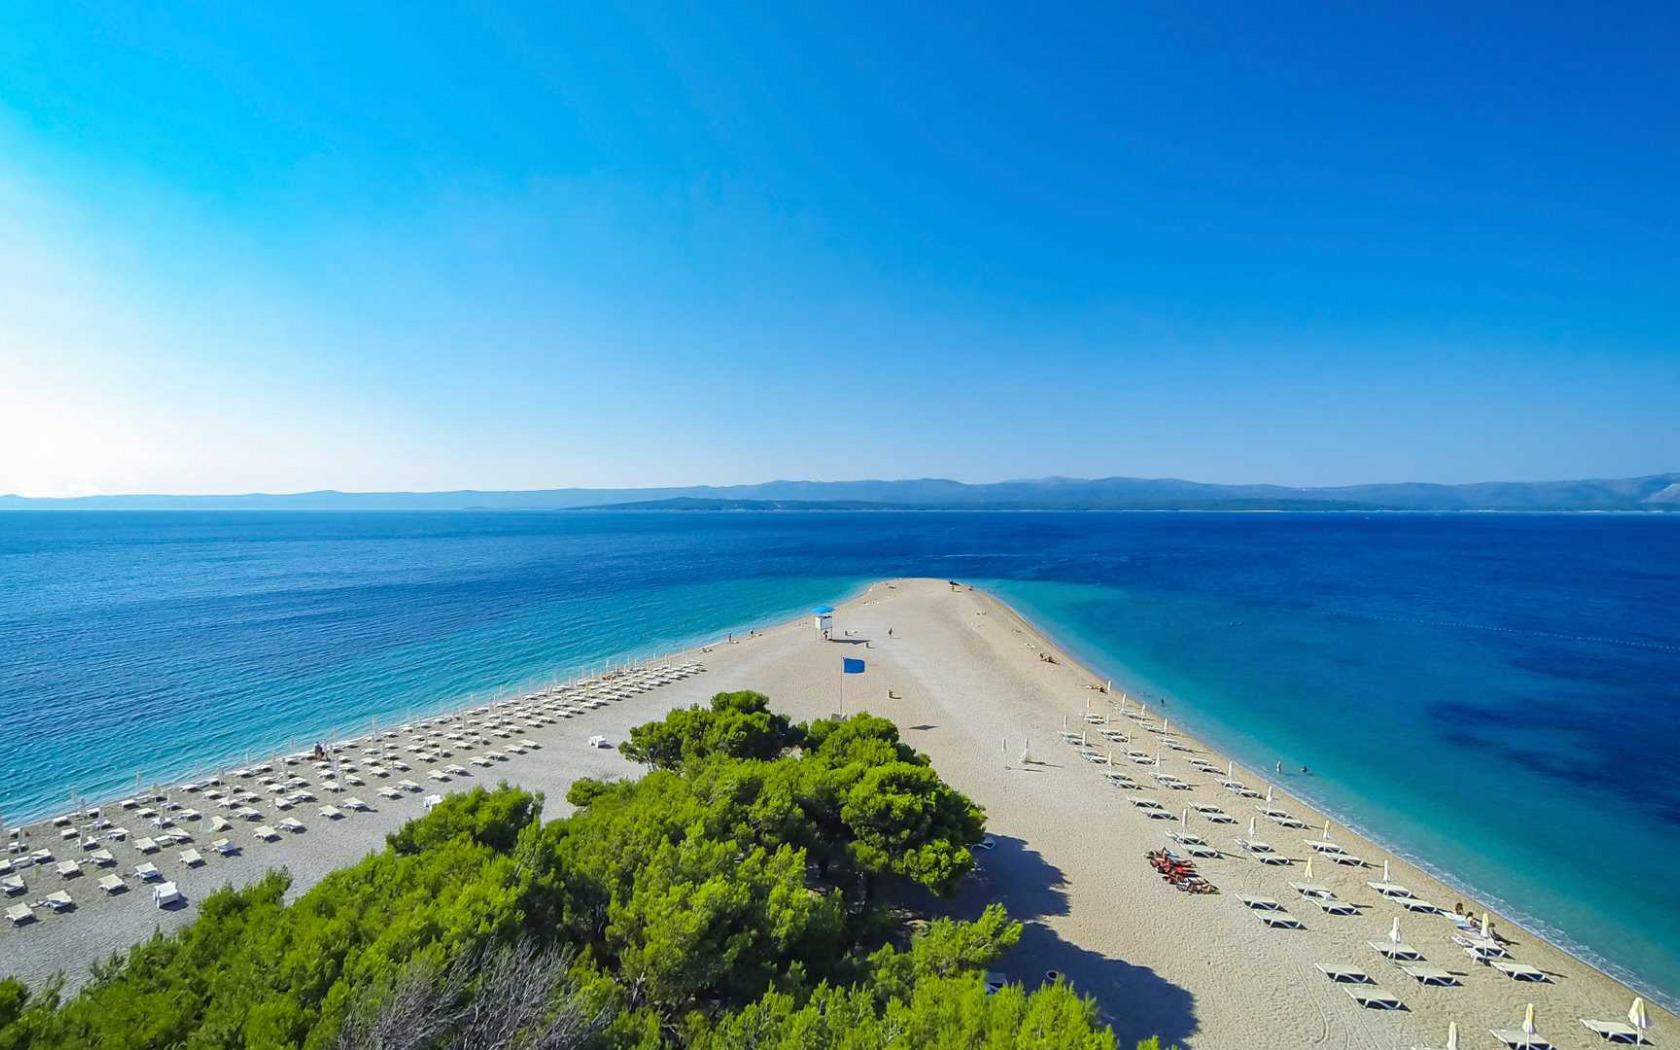 показало, пляж золотой рог в хорватии фото стремятся все